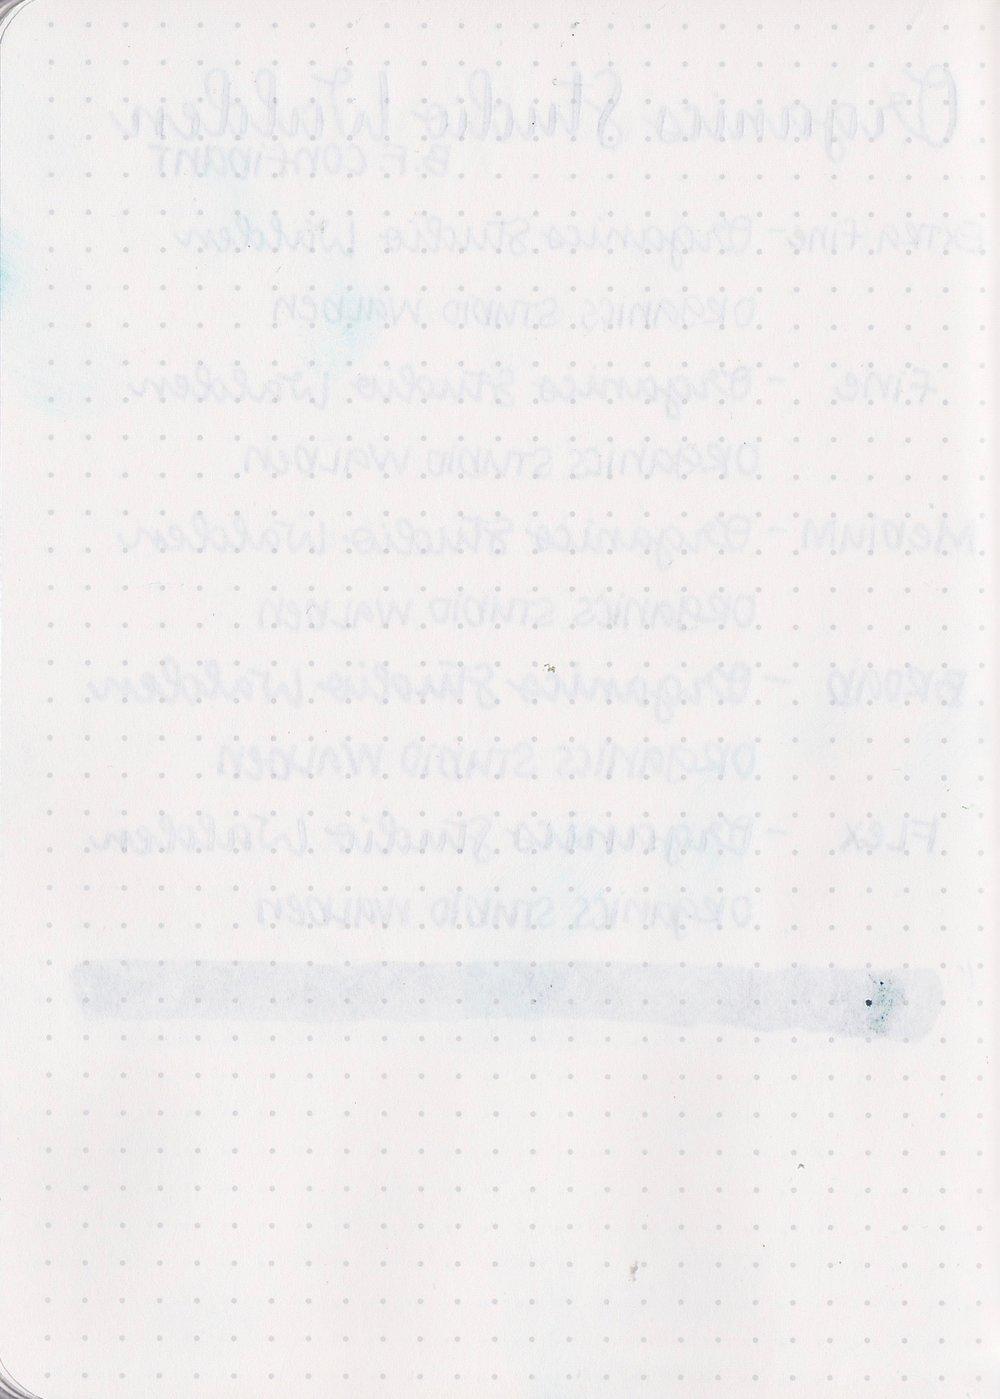 SCN_0067.jpg